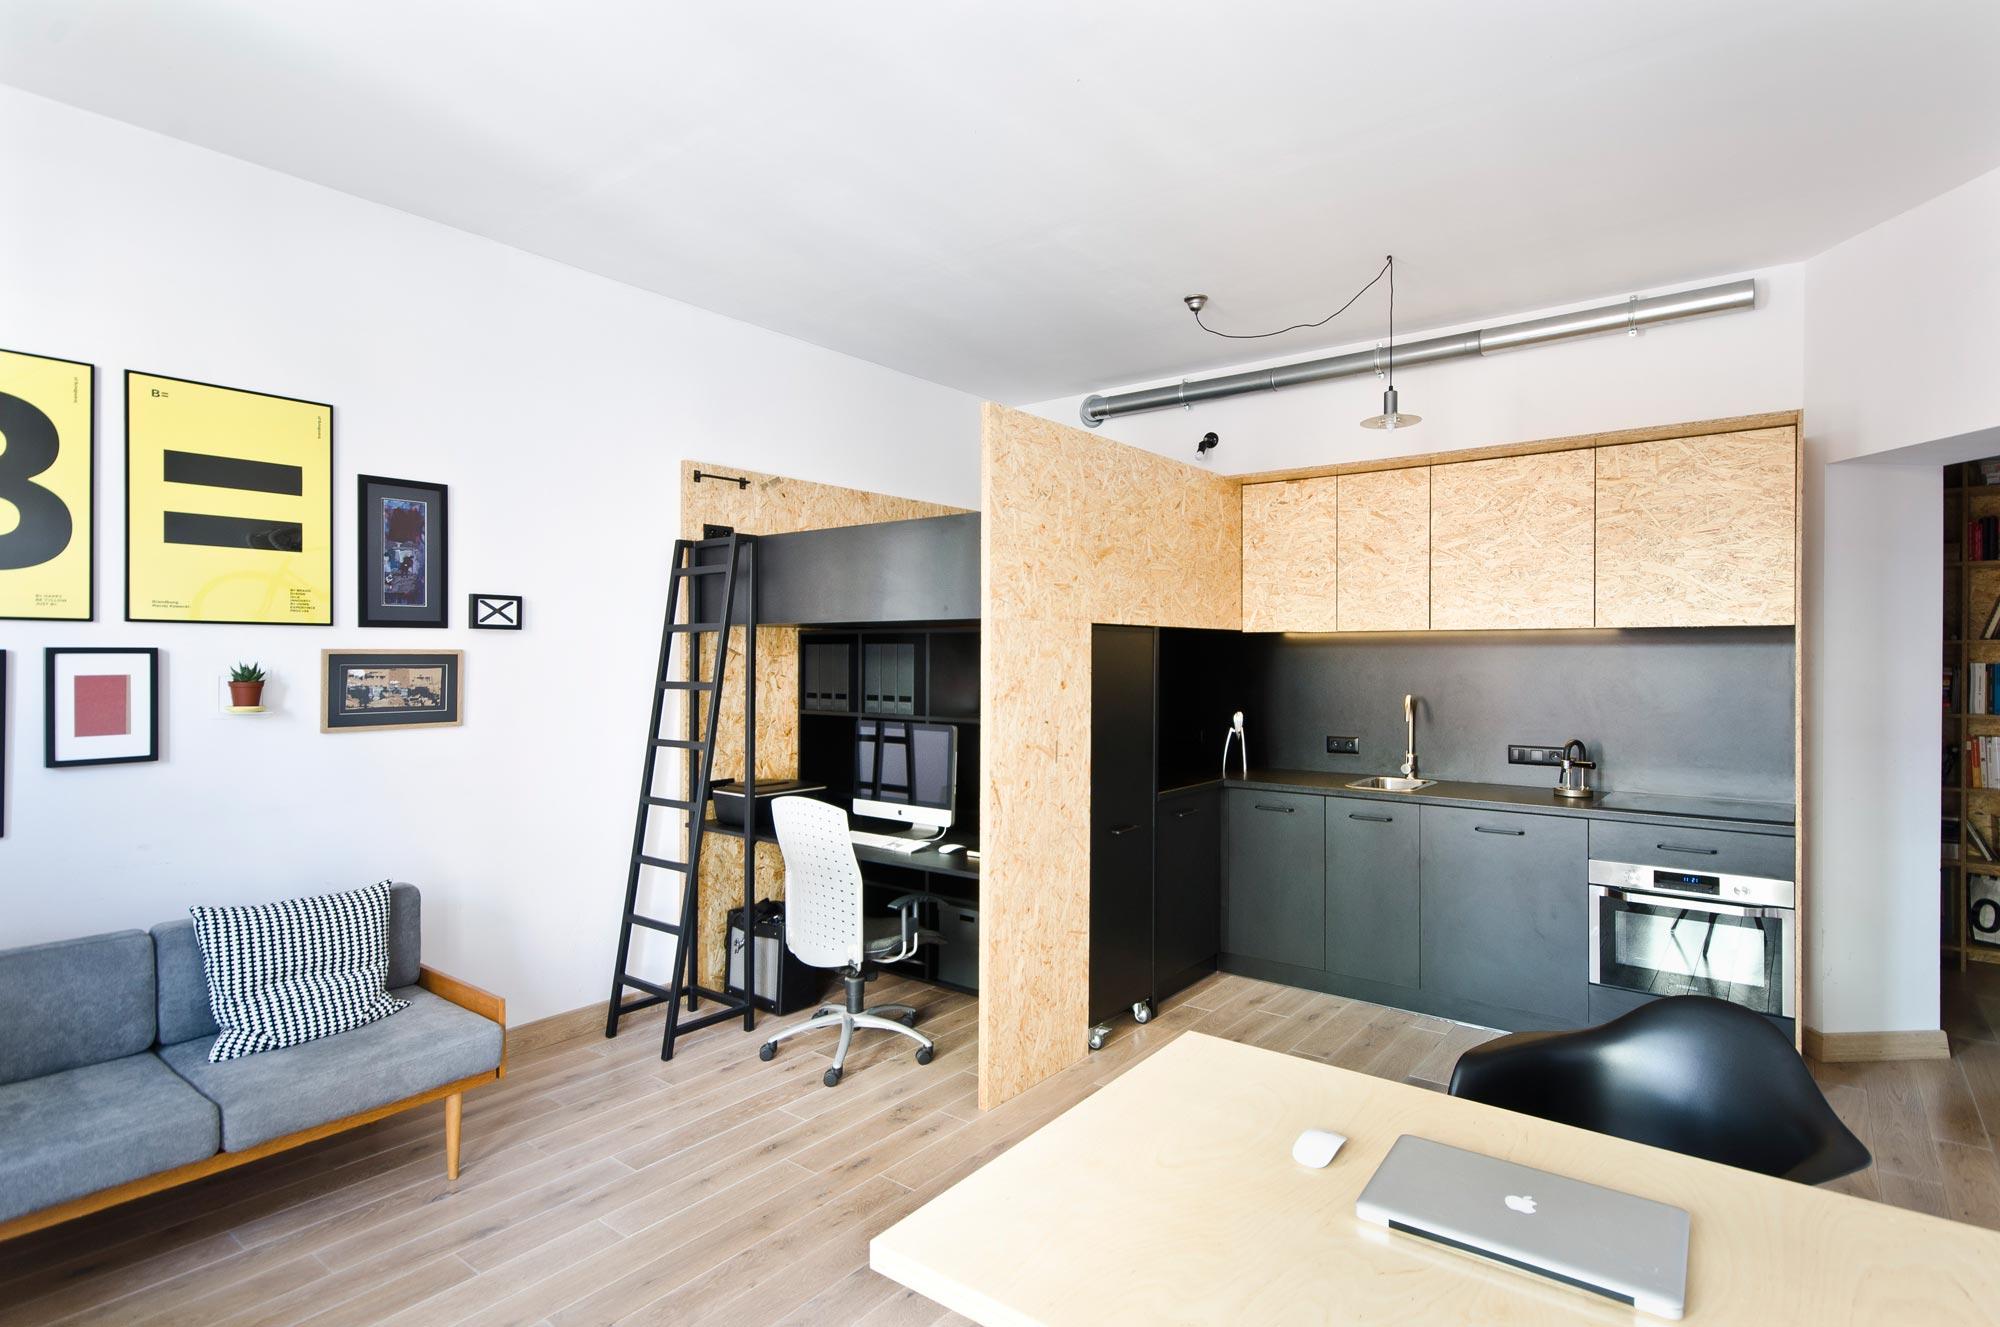 дизайн однокомнатной квартиры 37 кв.м с ребенком фото